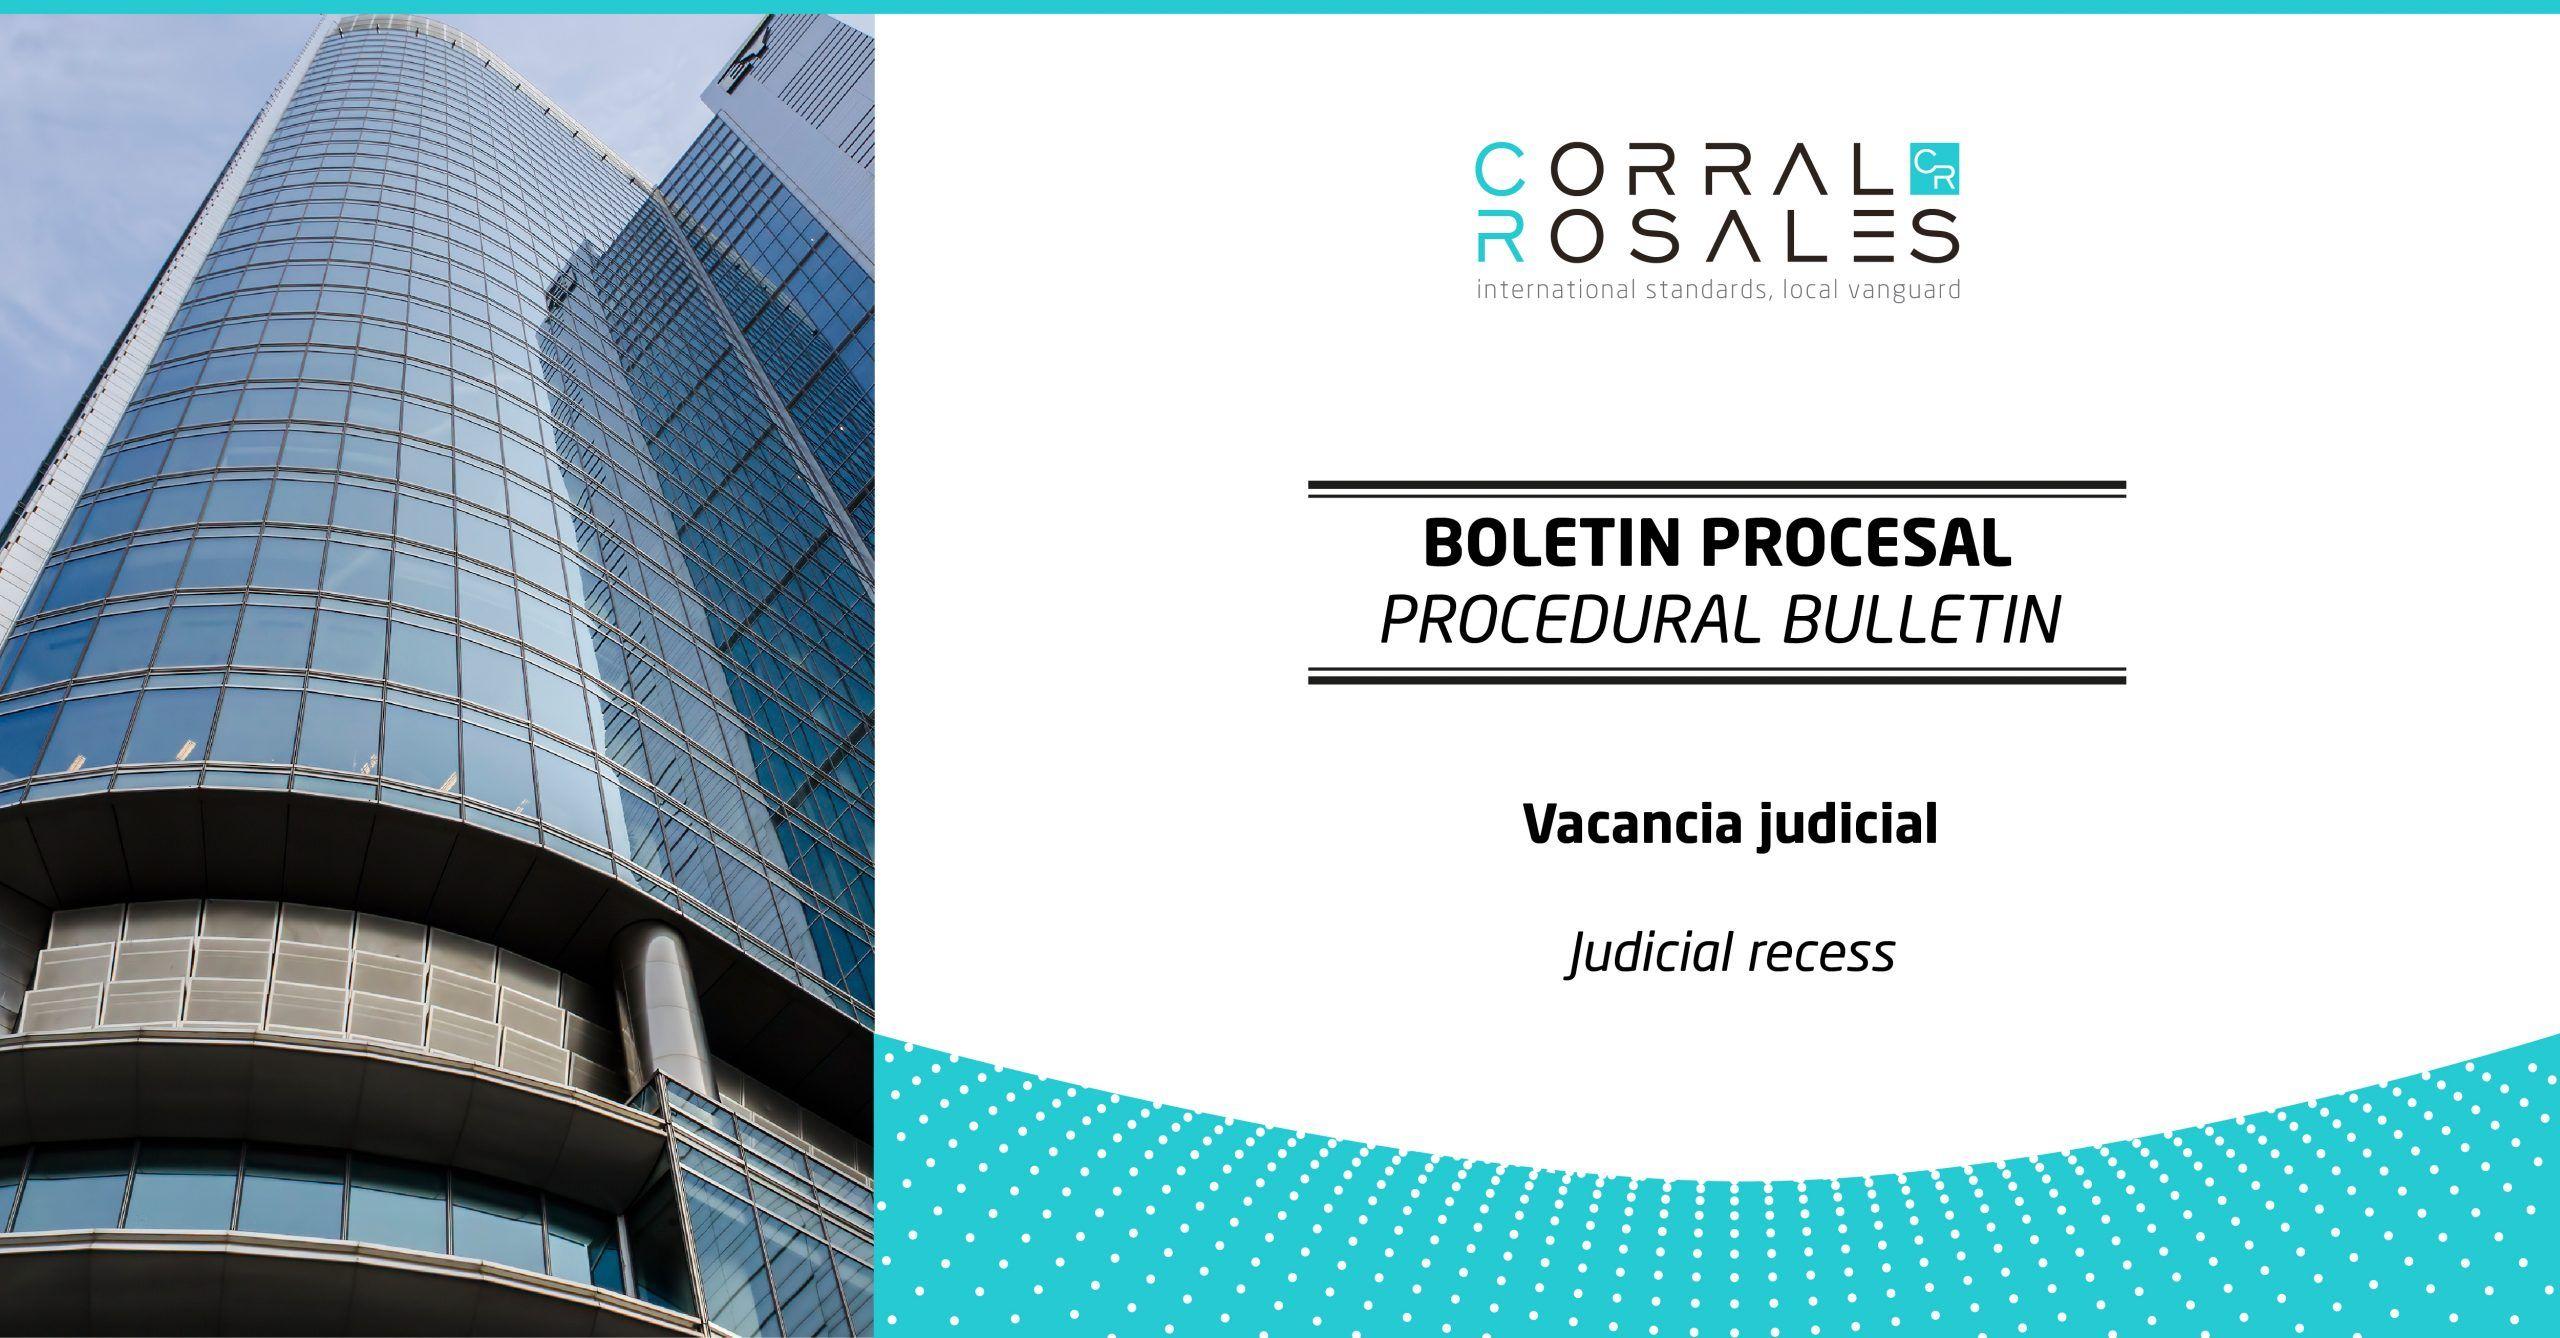 corral-rosales-judicial-recess-lawyers-ecuador